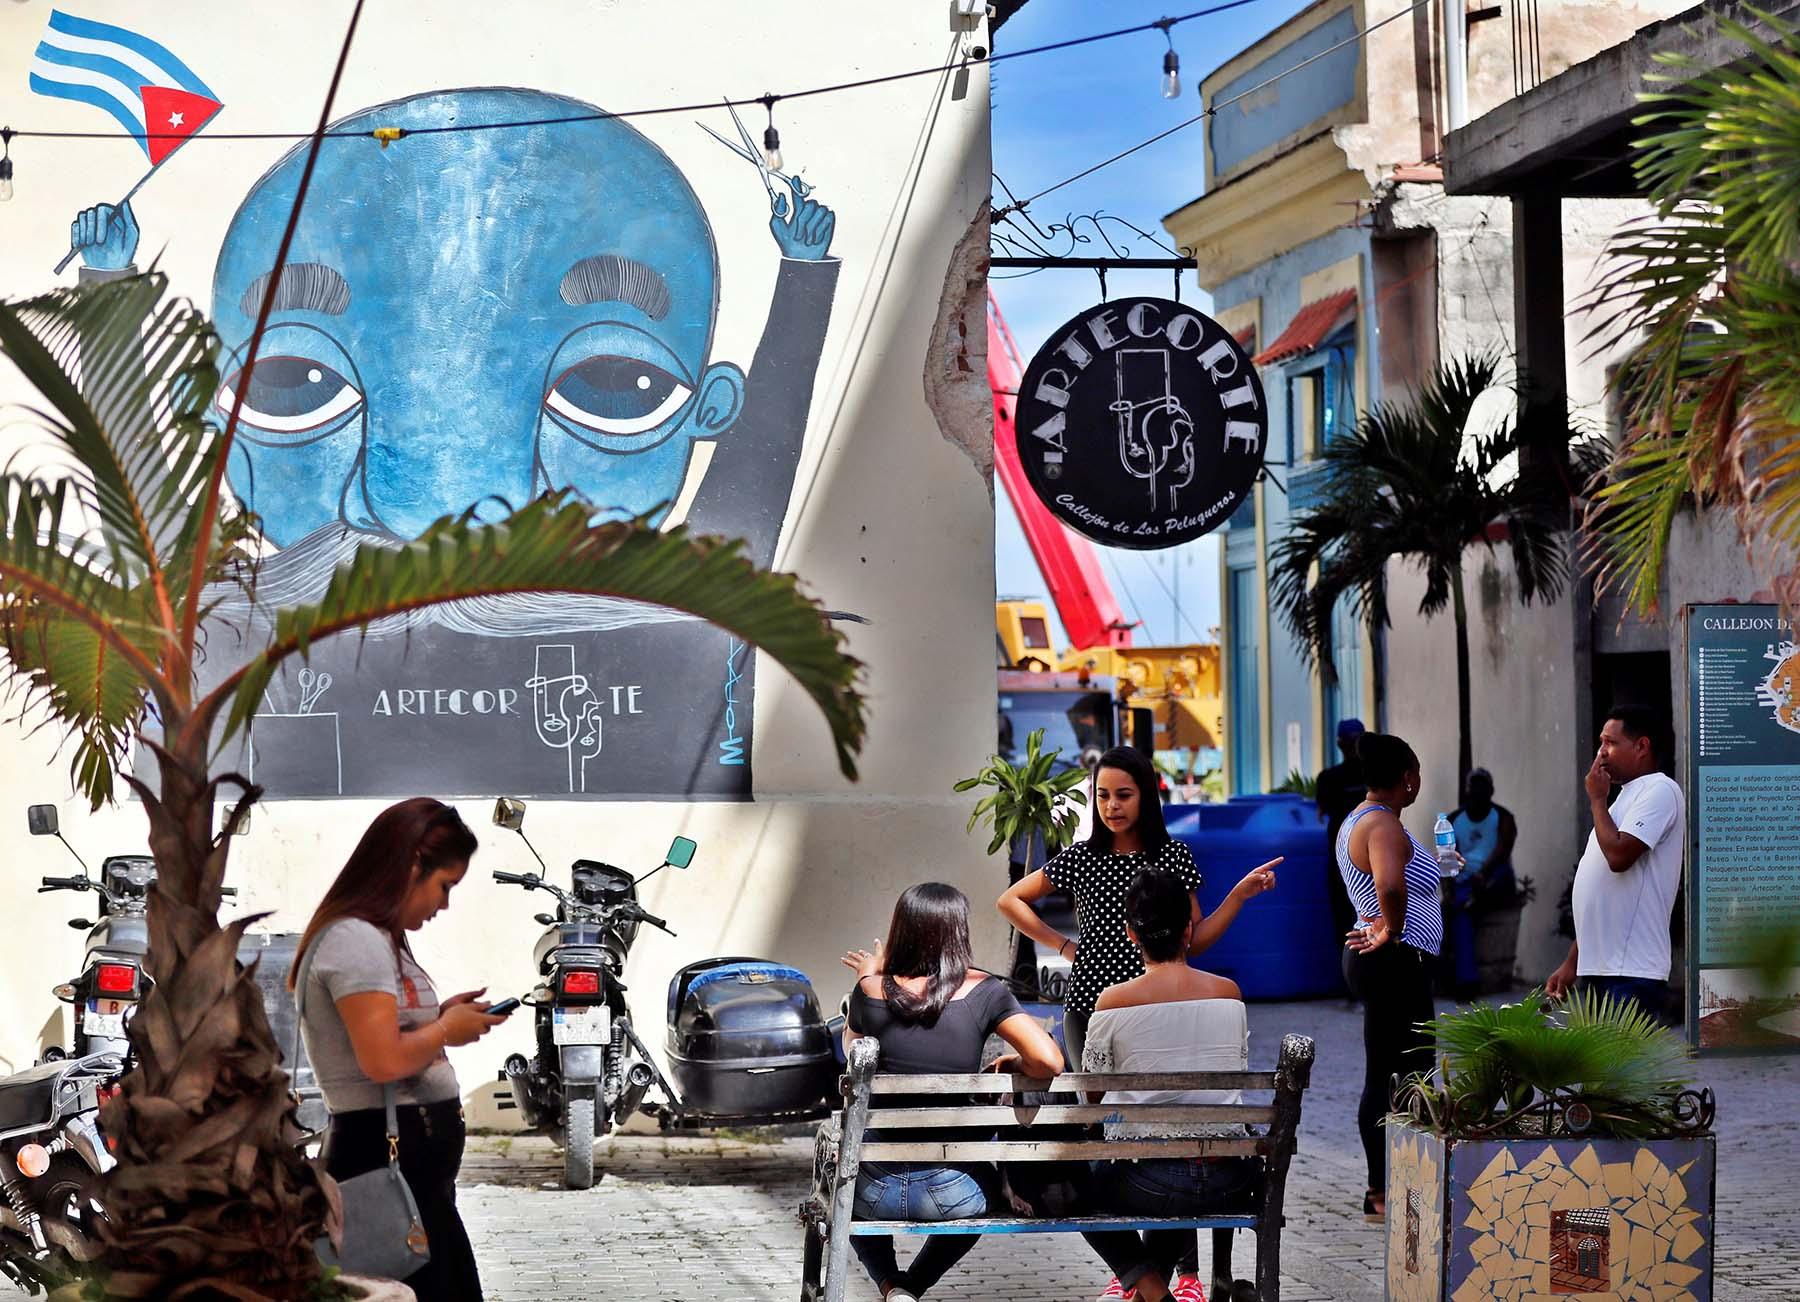 """Vista el jueves 31 de octubre de la sede del proyecto comunitario """"Artecorte"""" en La Habana Vieja, La Habana. Foto: Ernesto Mastrascusa / EFE."""